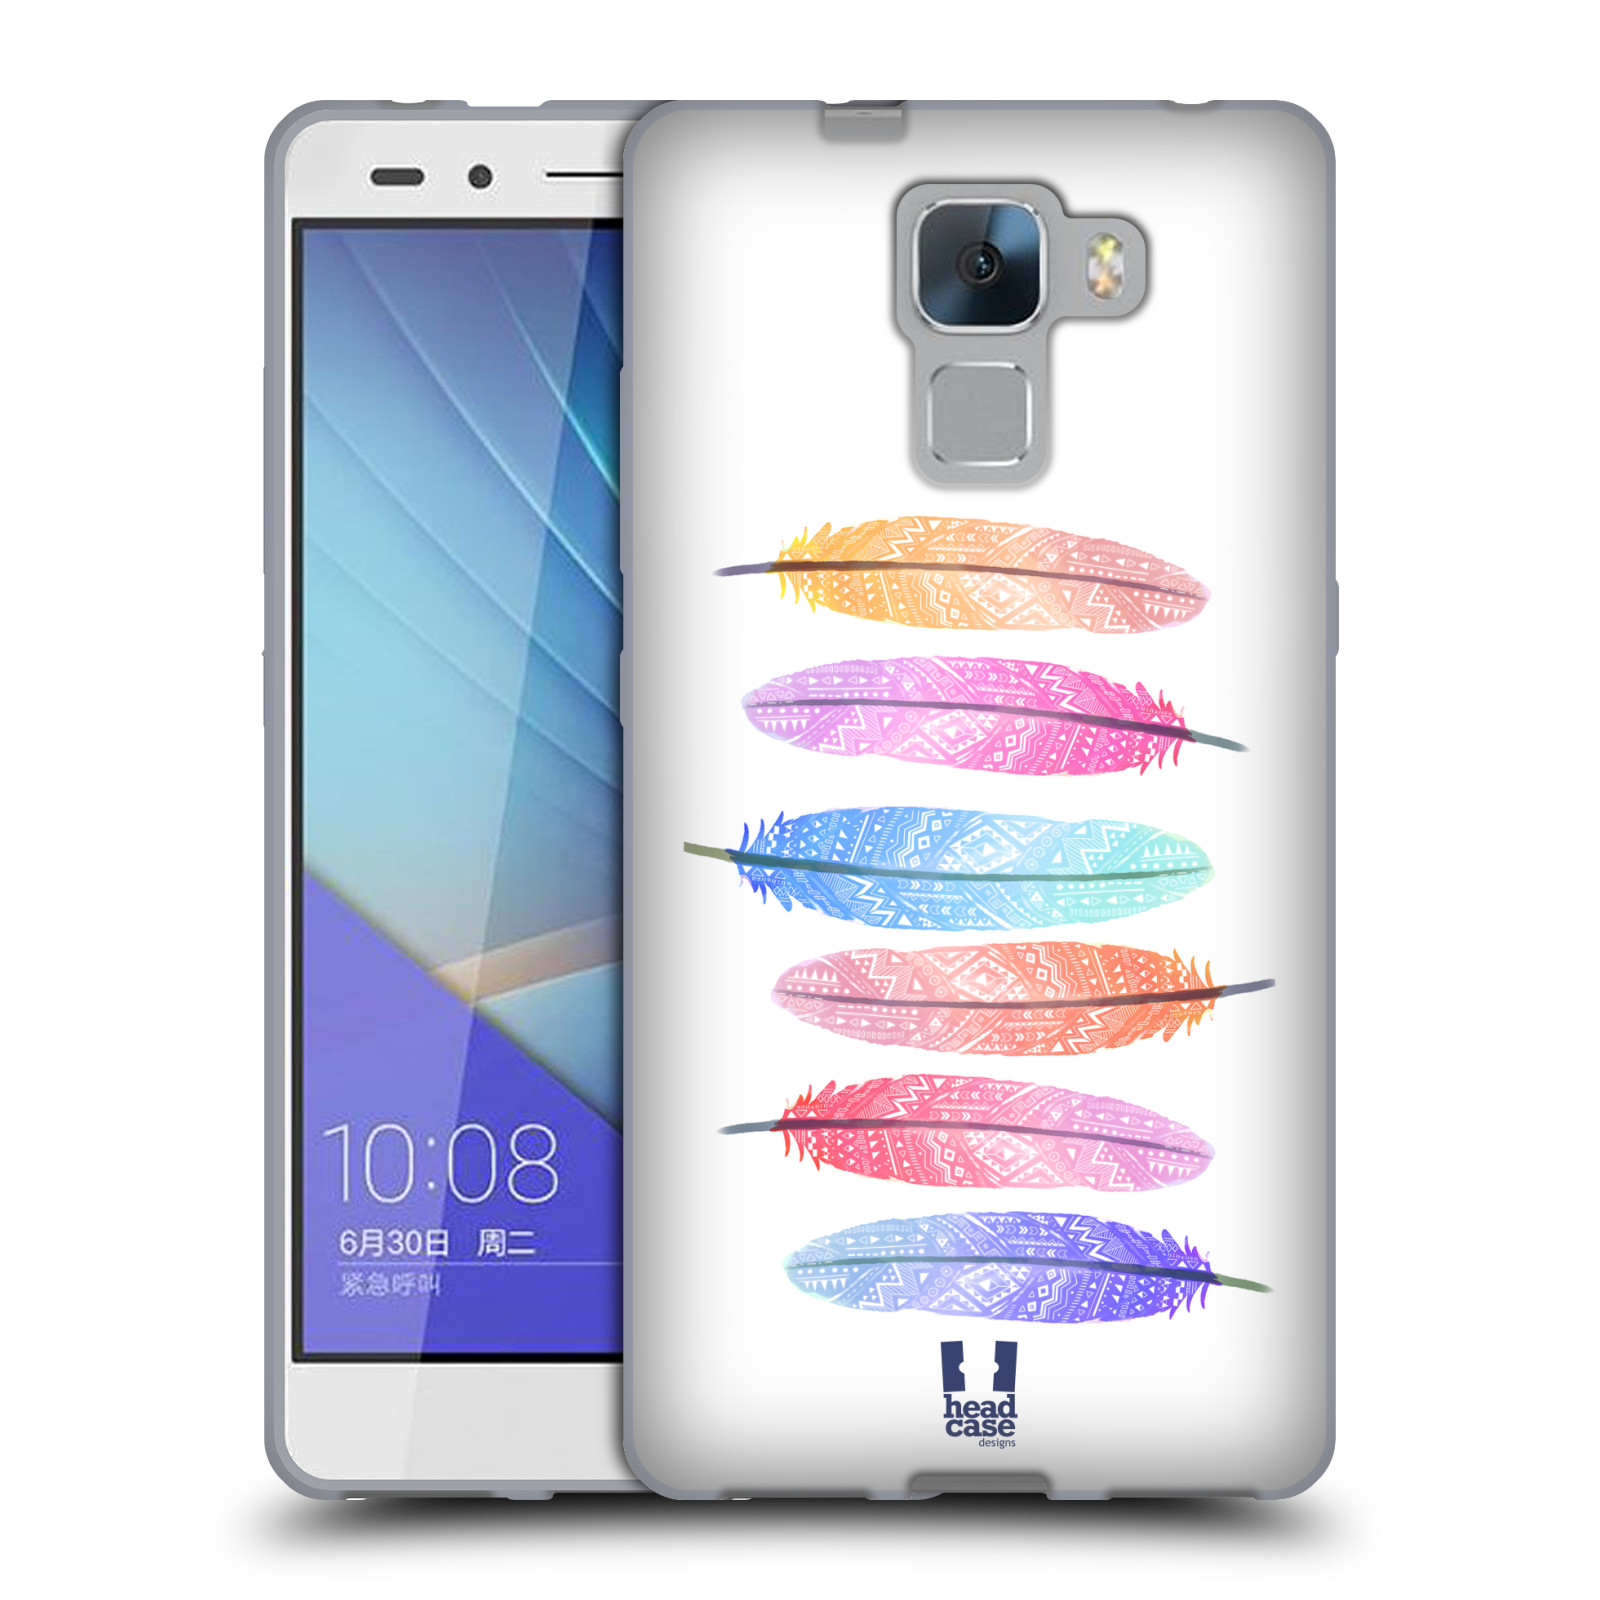 Silikonové pouzdro na mobil Honor 7 HEAD CASE AZTEC PÍRKA SILUETY